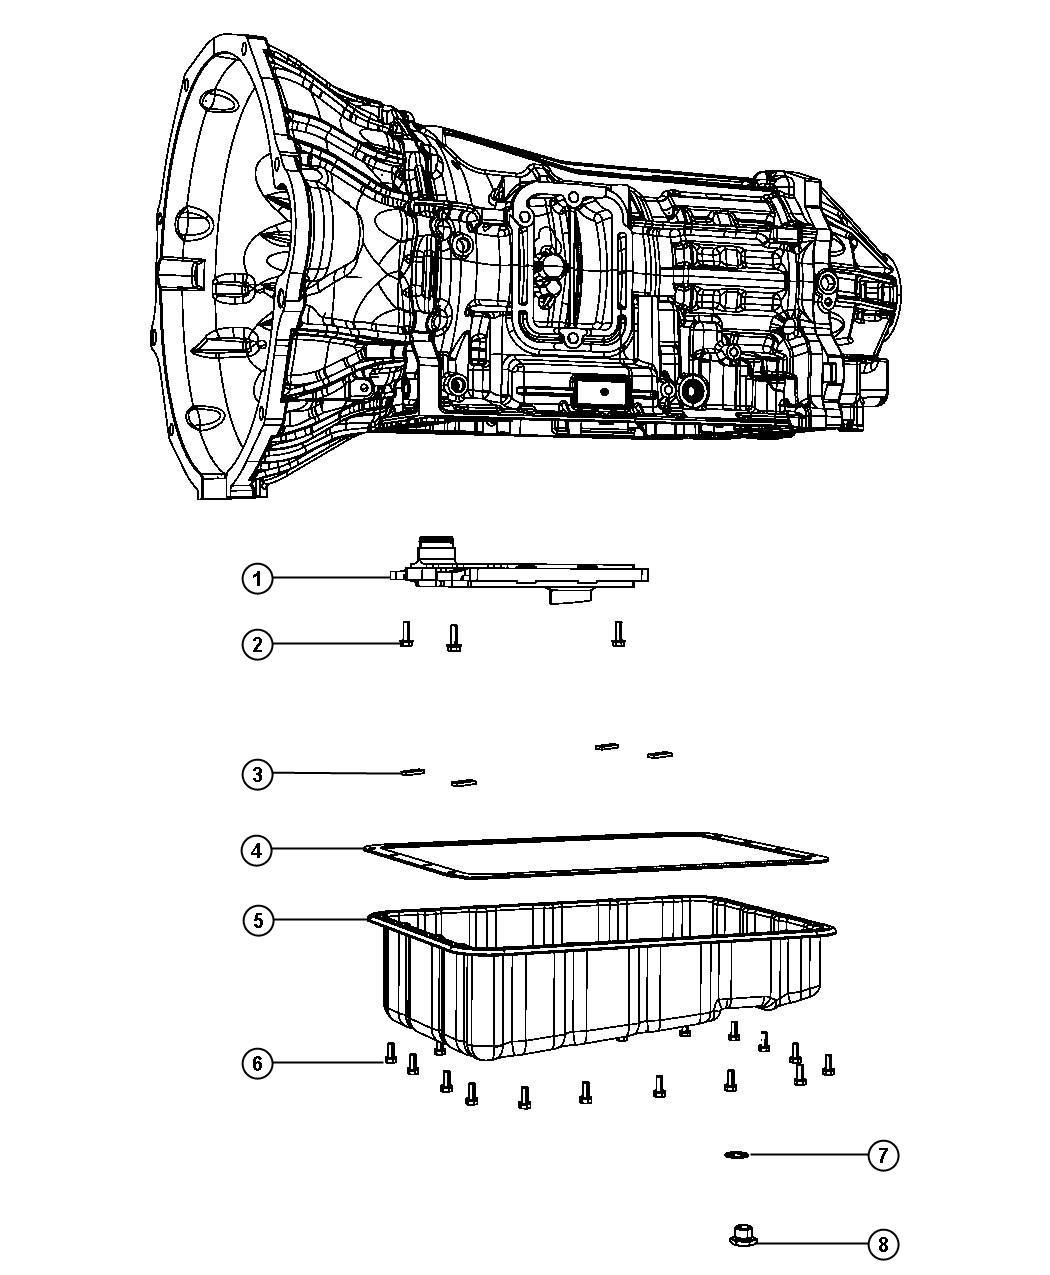 Dodge Ram 5500 Magnet. Transmission, transmission oil